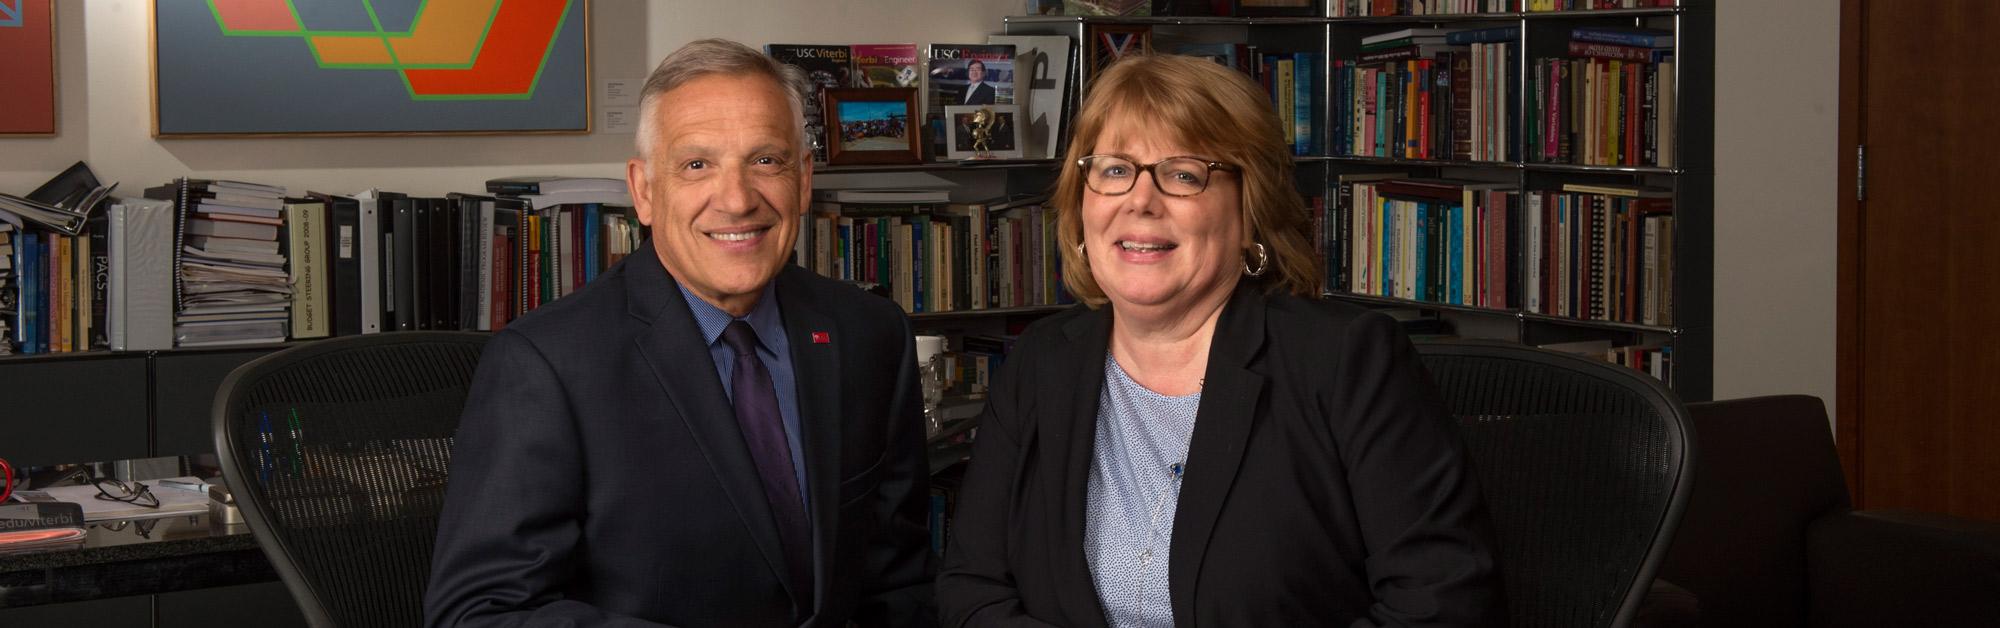 Yannis C. Yortsos and Louise Yates